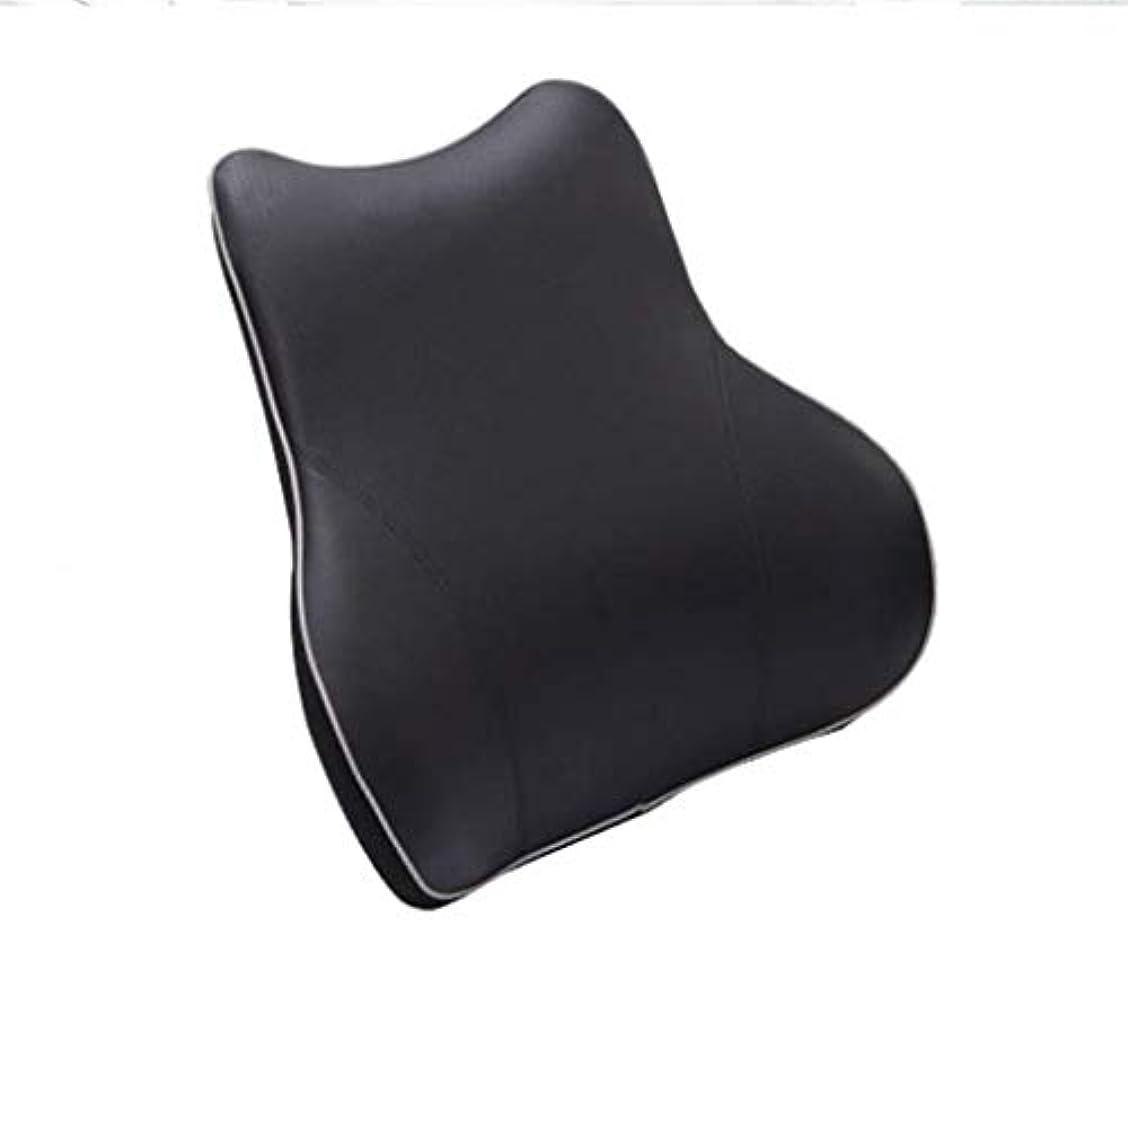 別々に二次スポーツをする枕、腰部背部支持パッド、妊娠中の腰椎枕、腰用シートクッション、姿勢ブレース、腰痛を和らげる、低反発腰椎背もたれ枕、オフィスカーチェア、車の室内装飾 (Color : 黒)